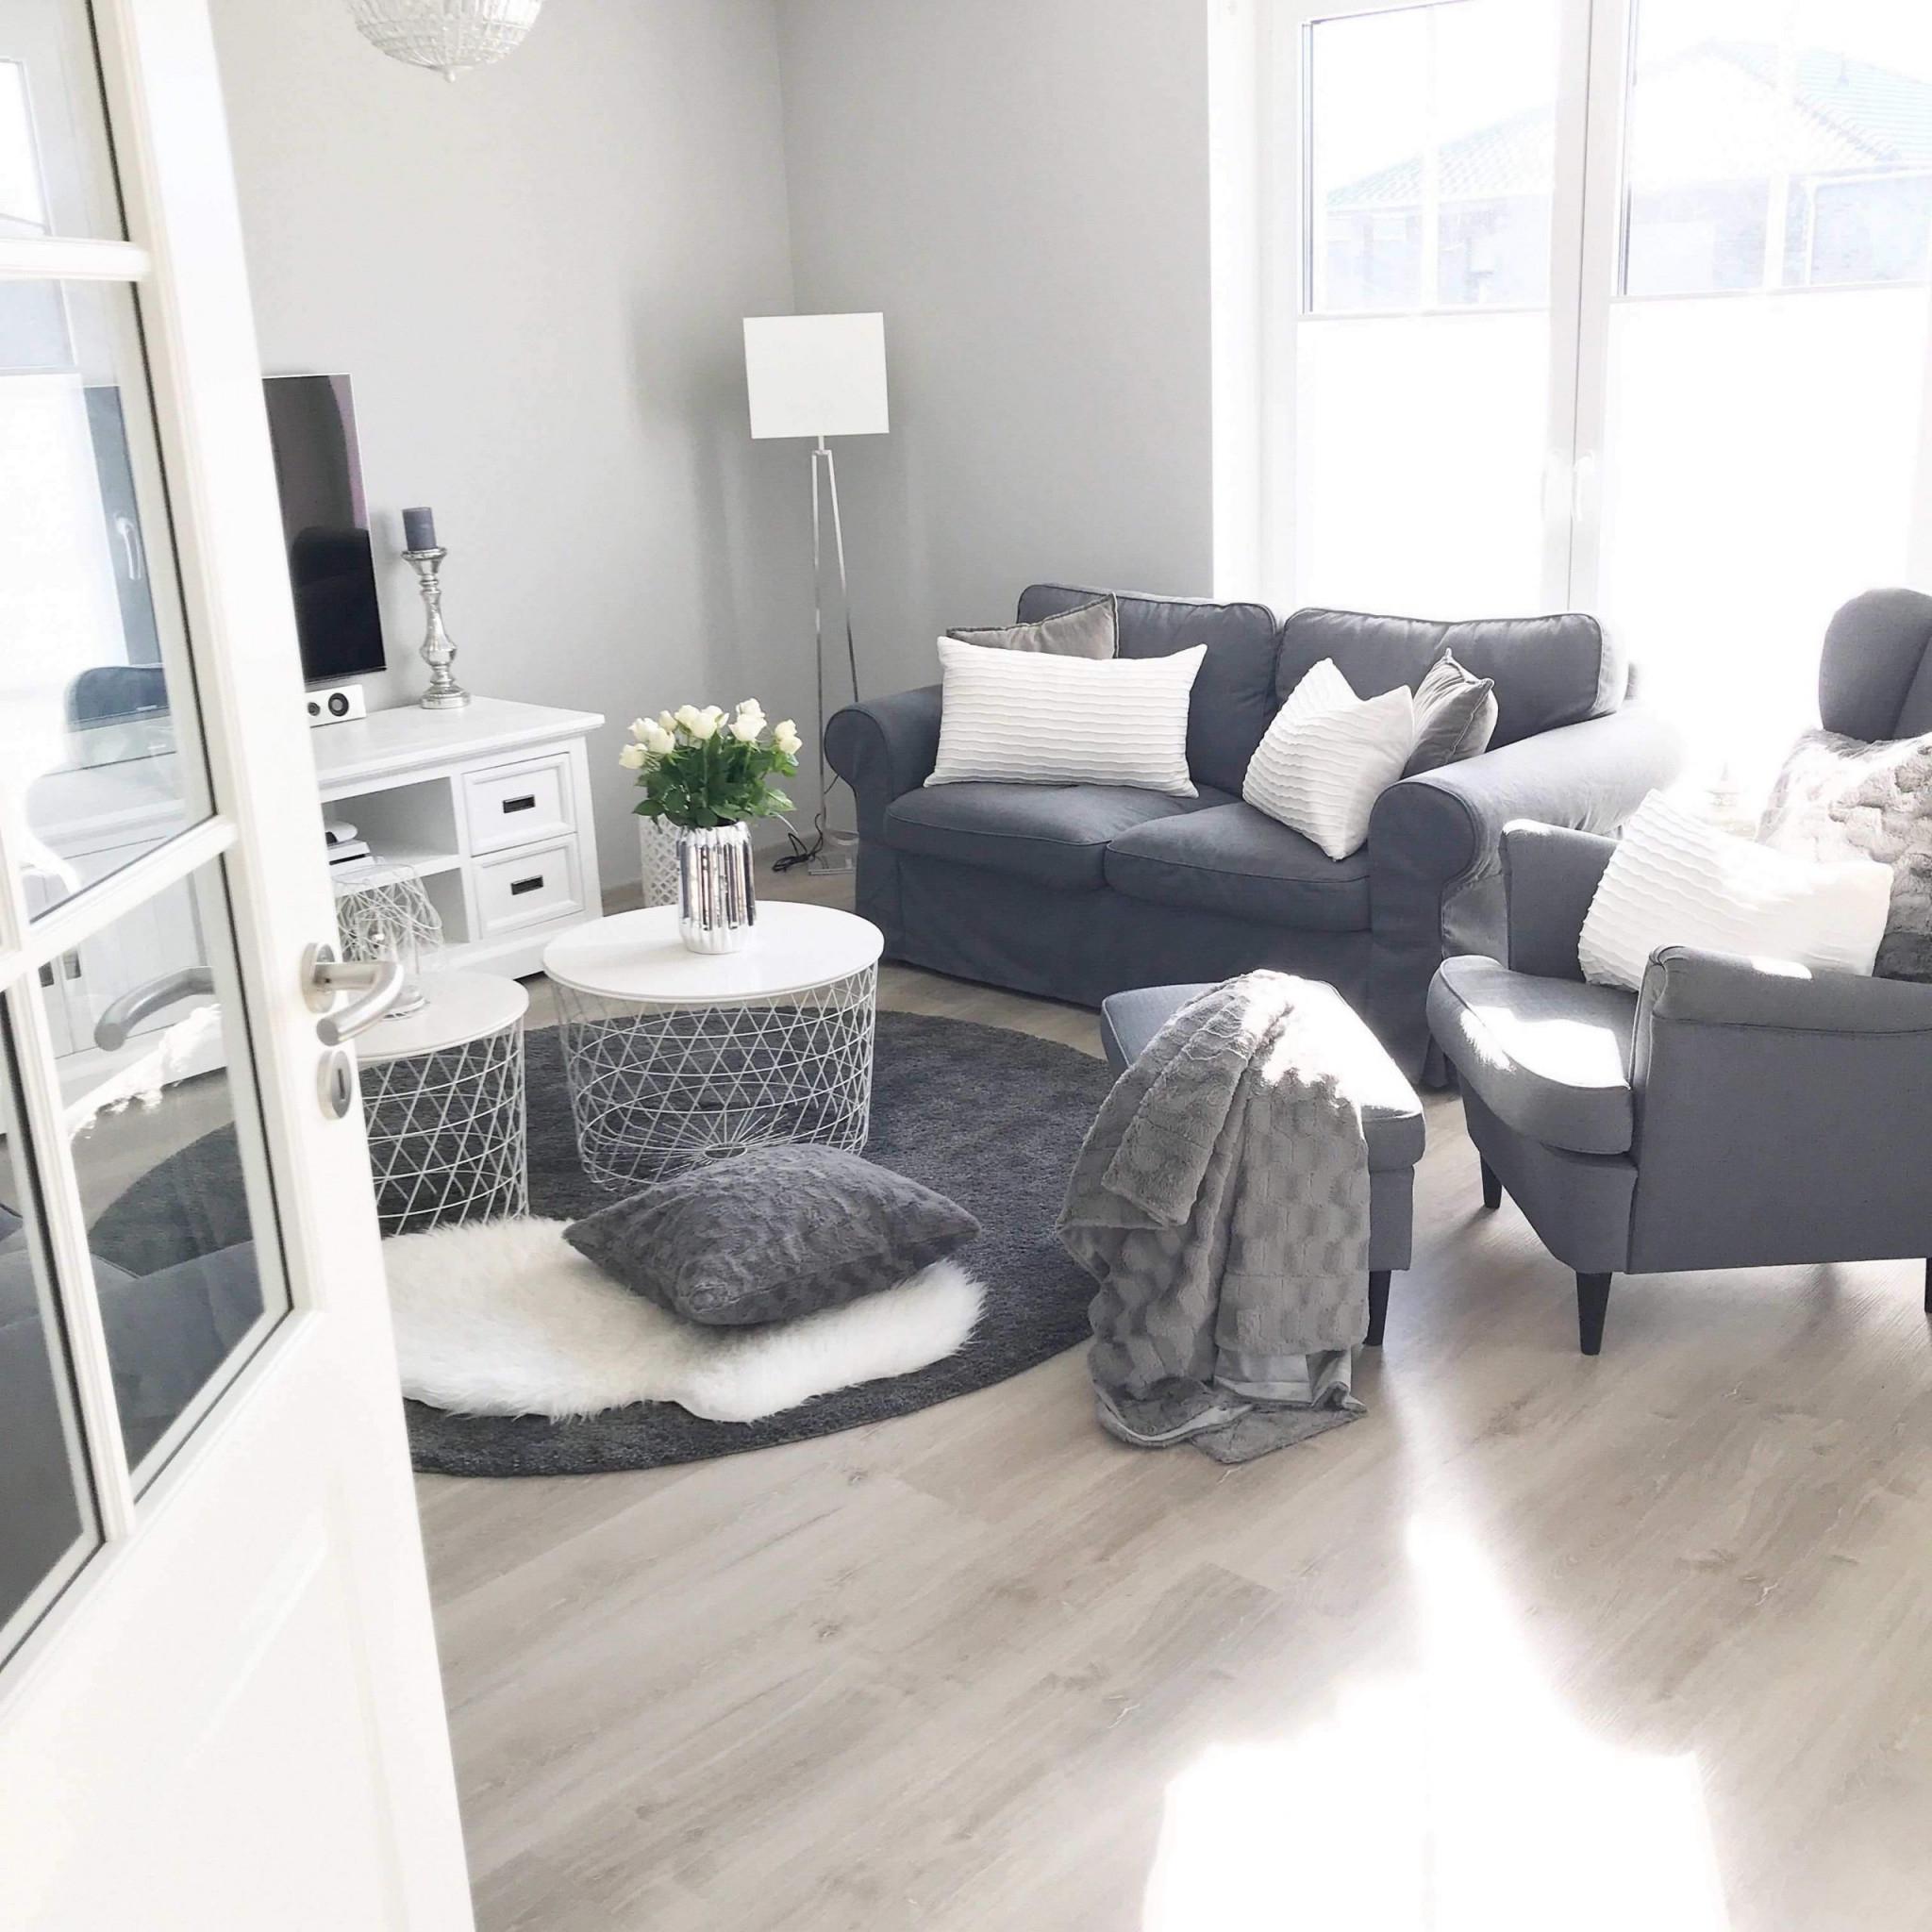 Wohnzimmer Ideen Landhausstil Modern Frisch 45 Luxus Von von Wohnzimmer Ideen Landhaus Bild